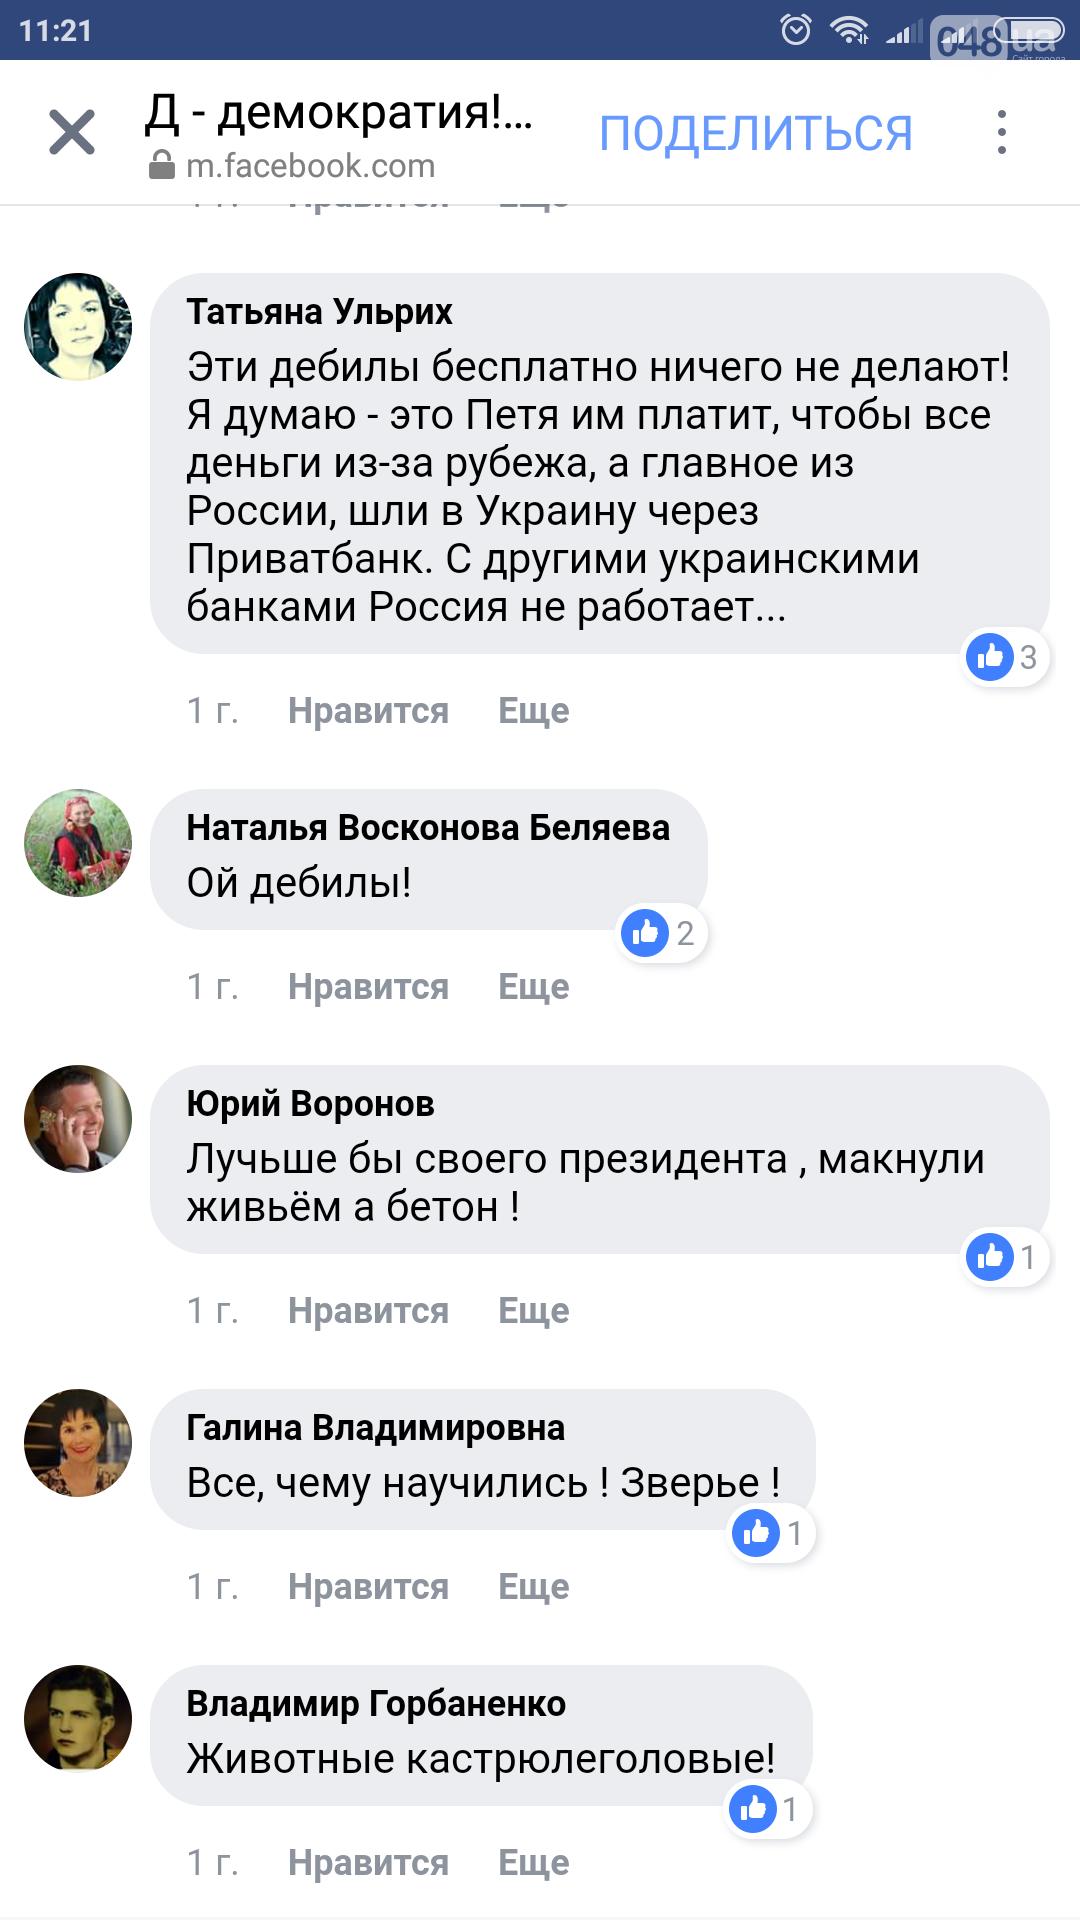 В Одессе бизнесмен-патриот России осваивает бюджетные миллионы и поливает грязью украинцев, - ФОТО, фото-7